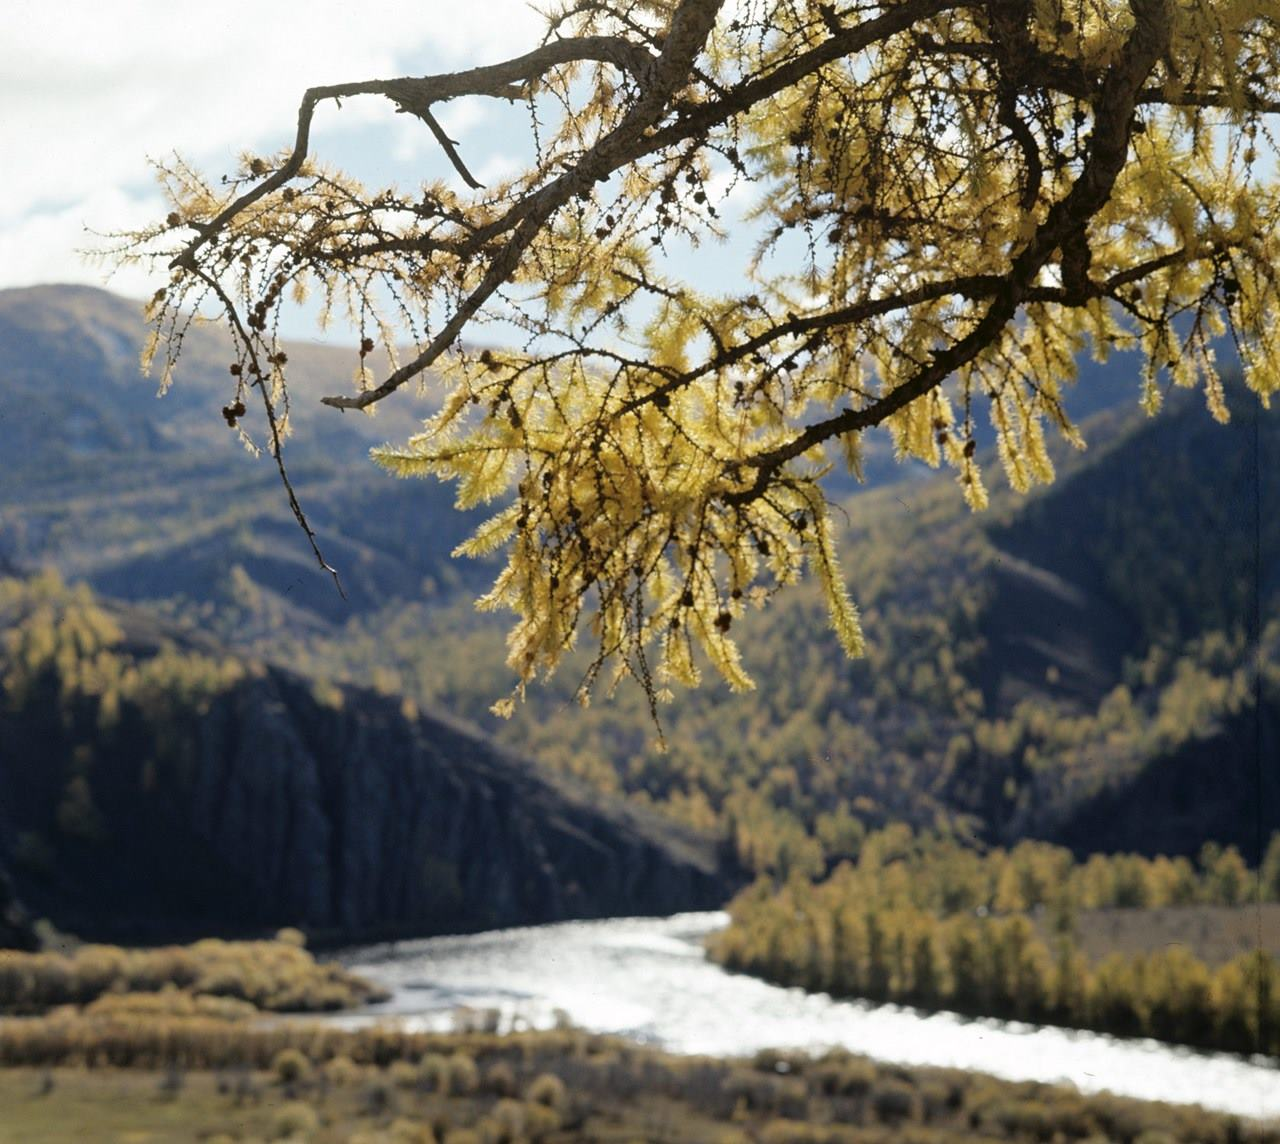 Dünyanın başlangıcı ve sonu: Türk mitolojisinde kutsal nehirler